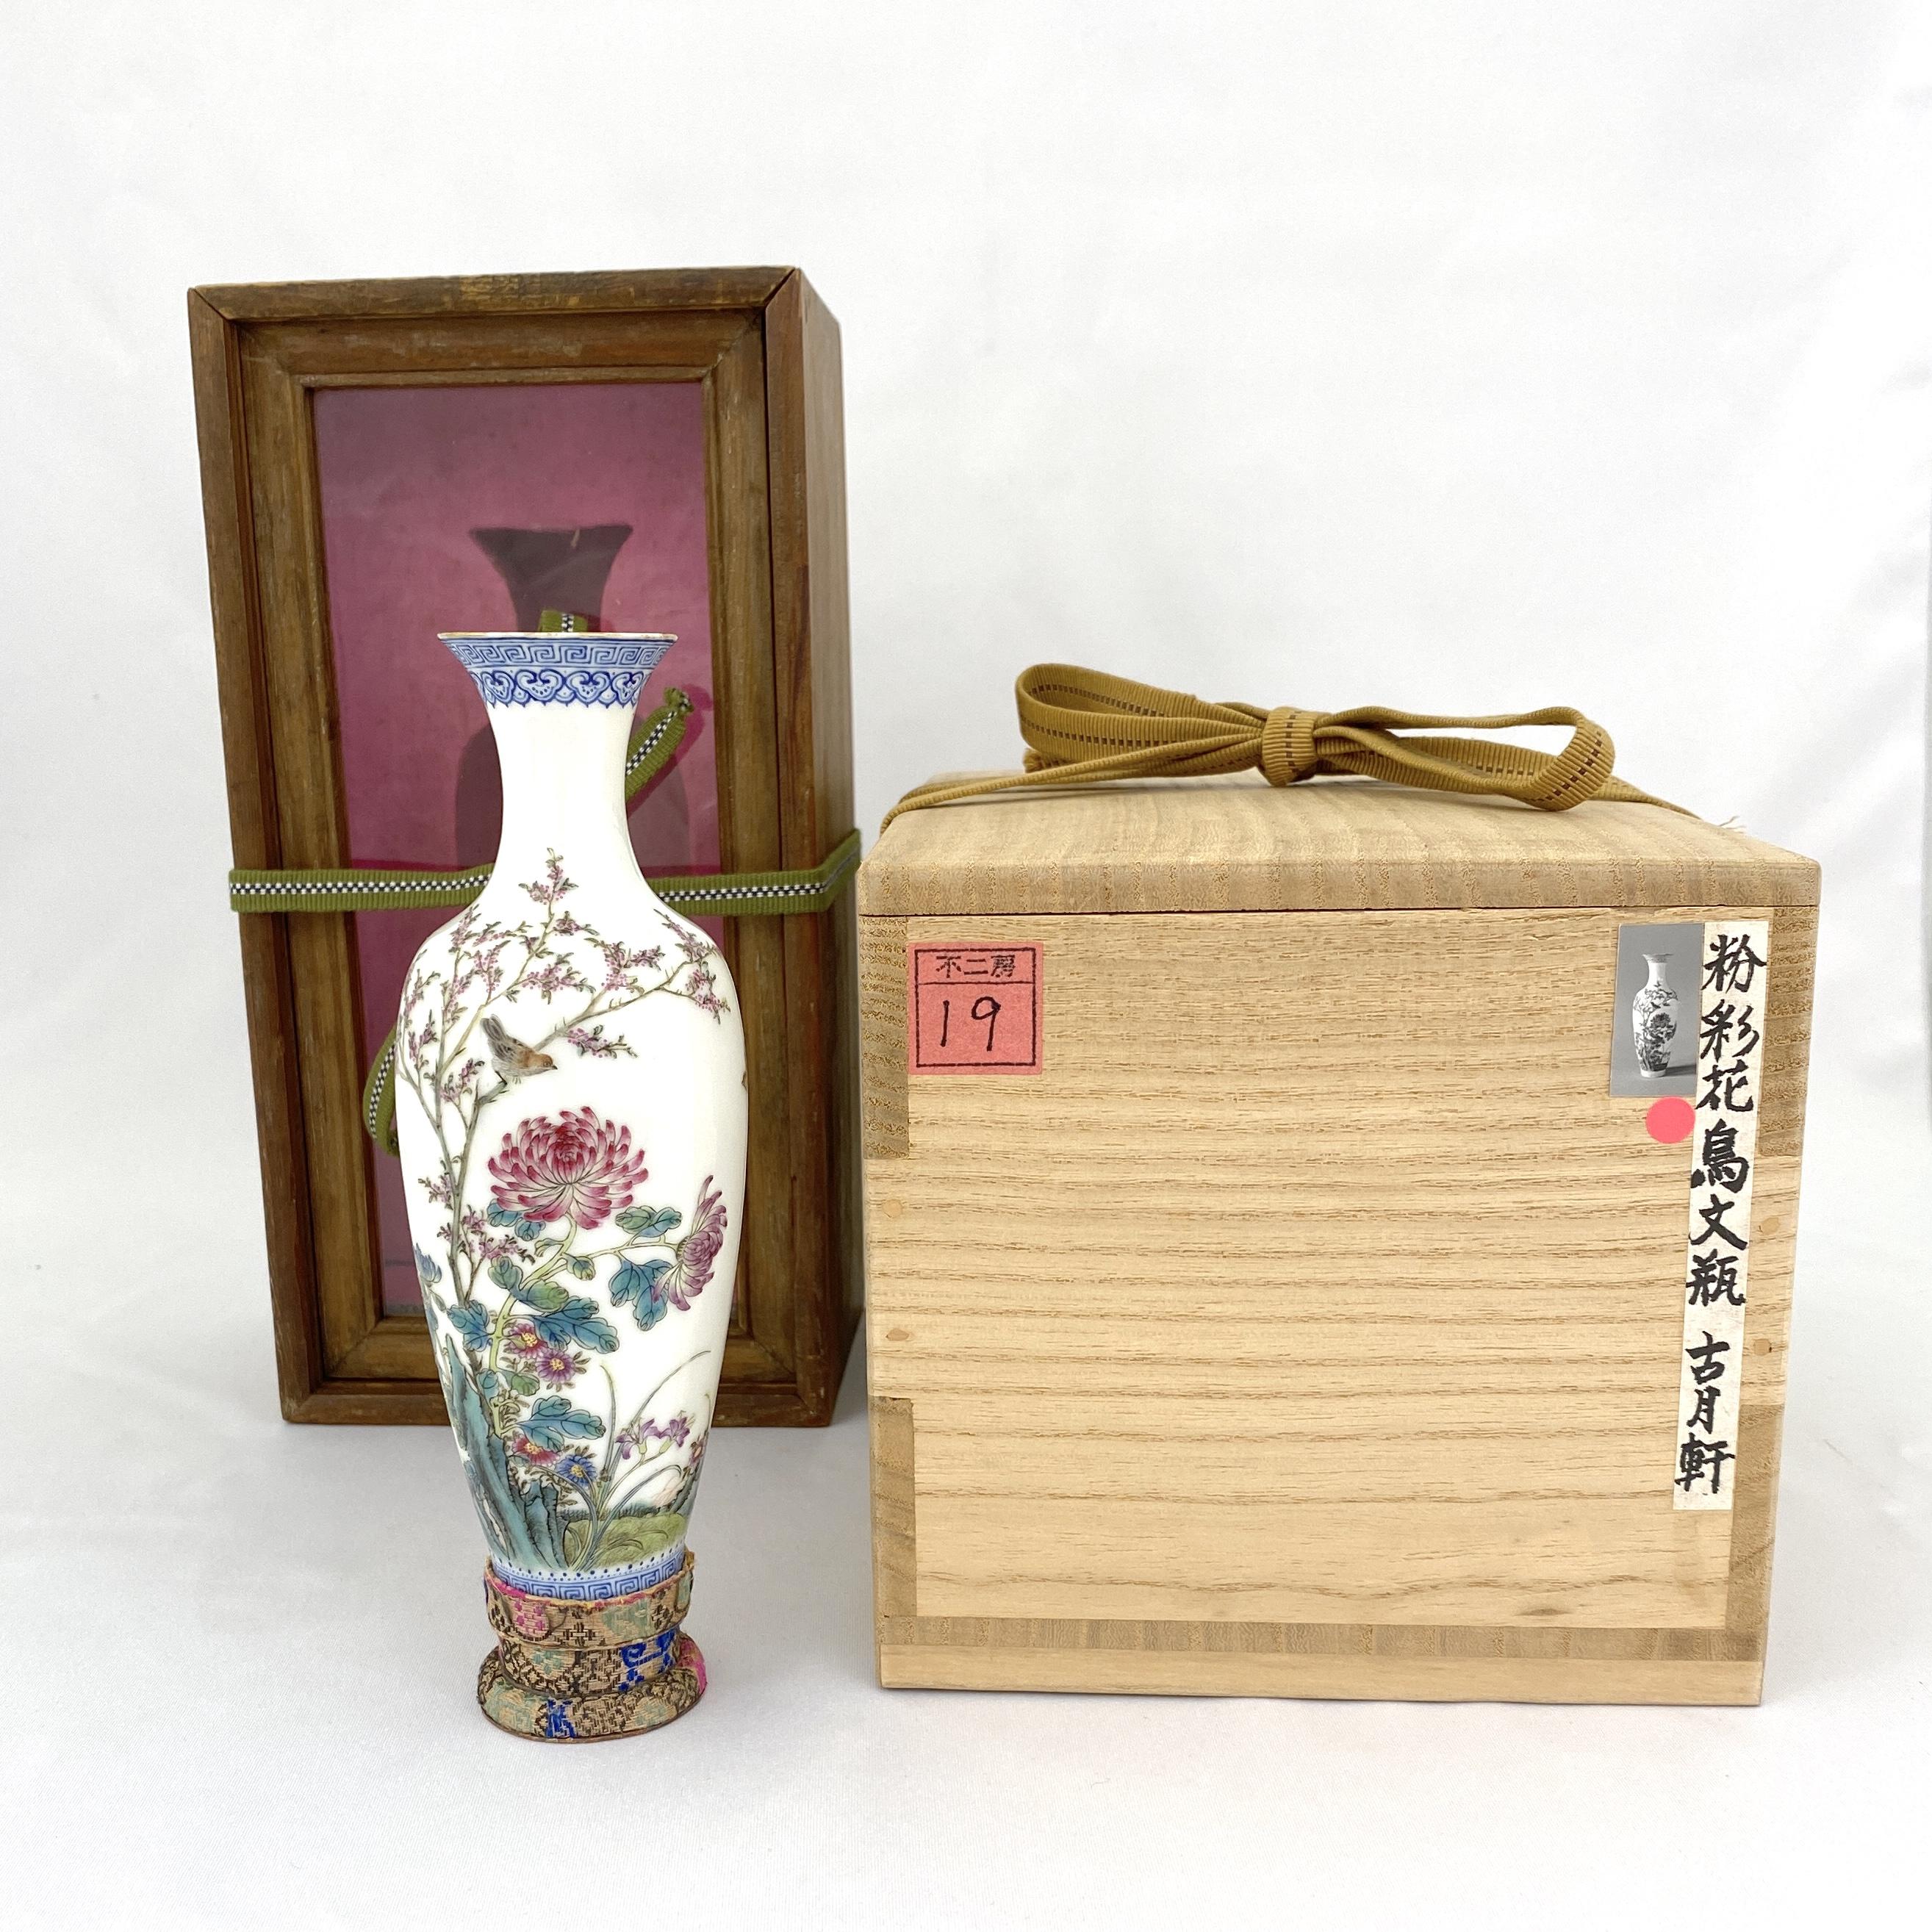 10127「乾隆年製」款 粉彩 花鳥紋 瓶